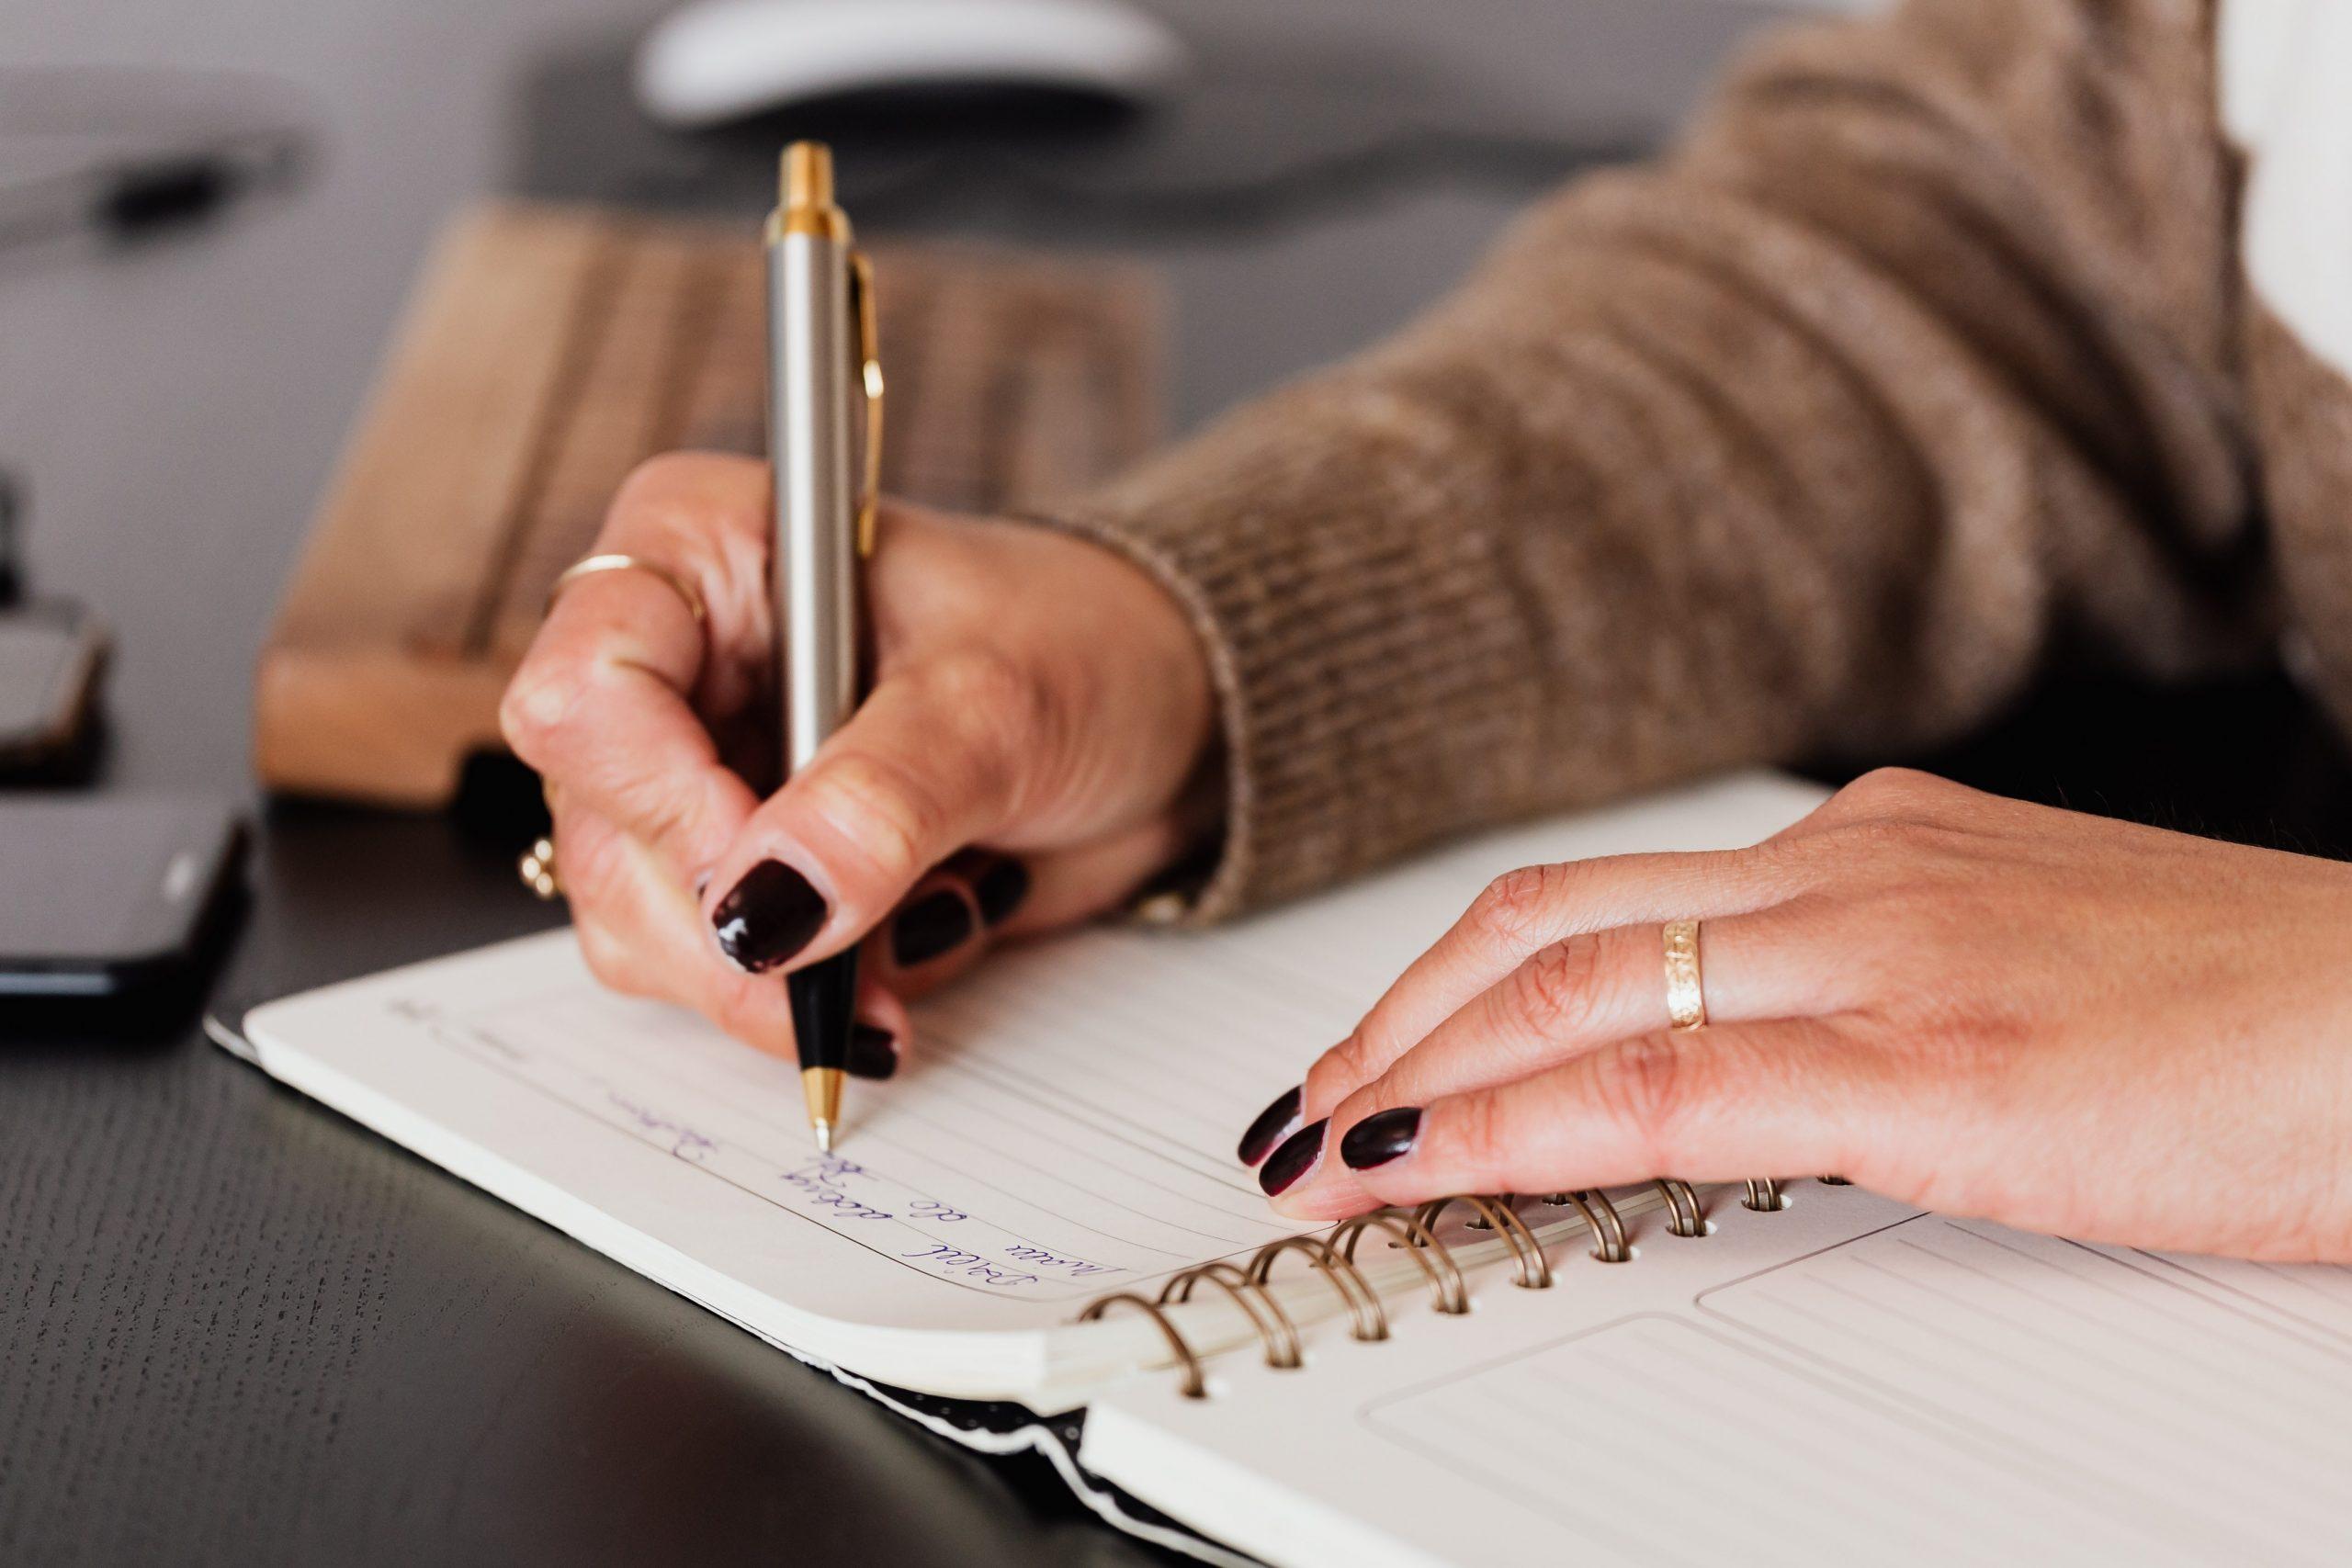 personne écrivant dans un cahier